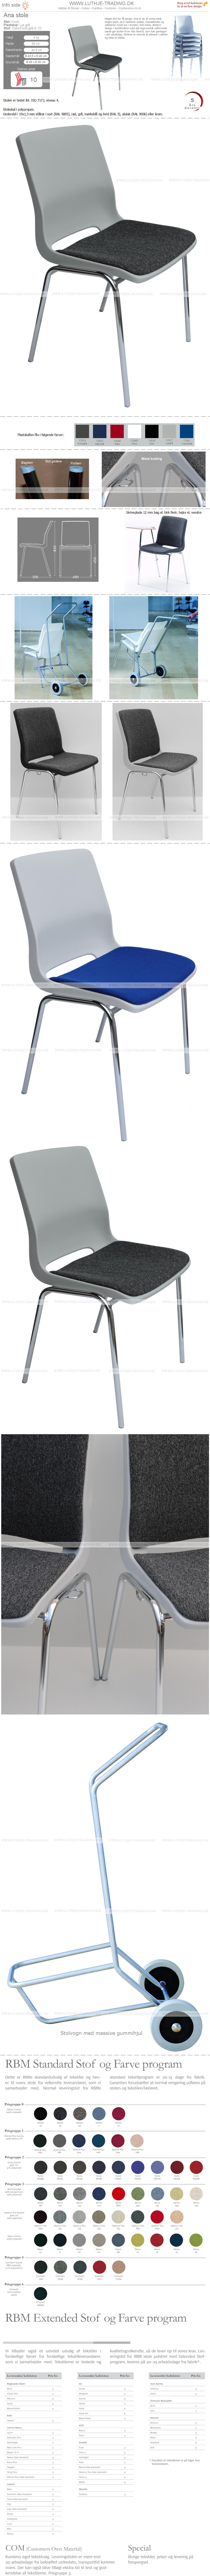 Ana stol med krom stel, lysgrå plastskal og Oxford stof sort-grå nr. 33. Der er 5 års garanti på Ana stole.